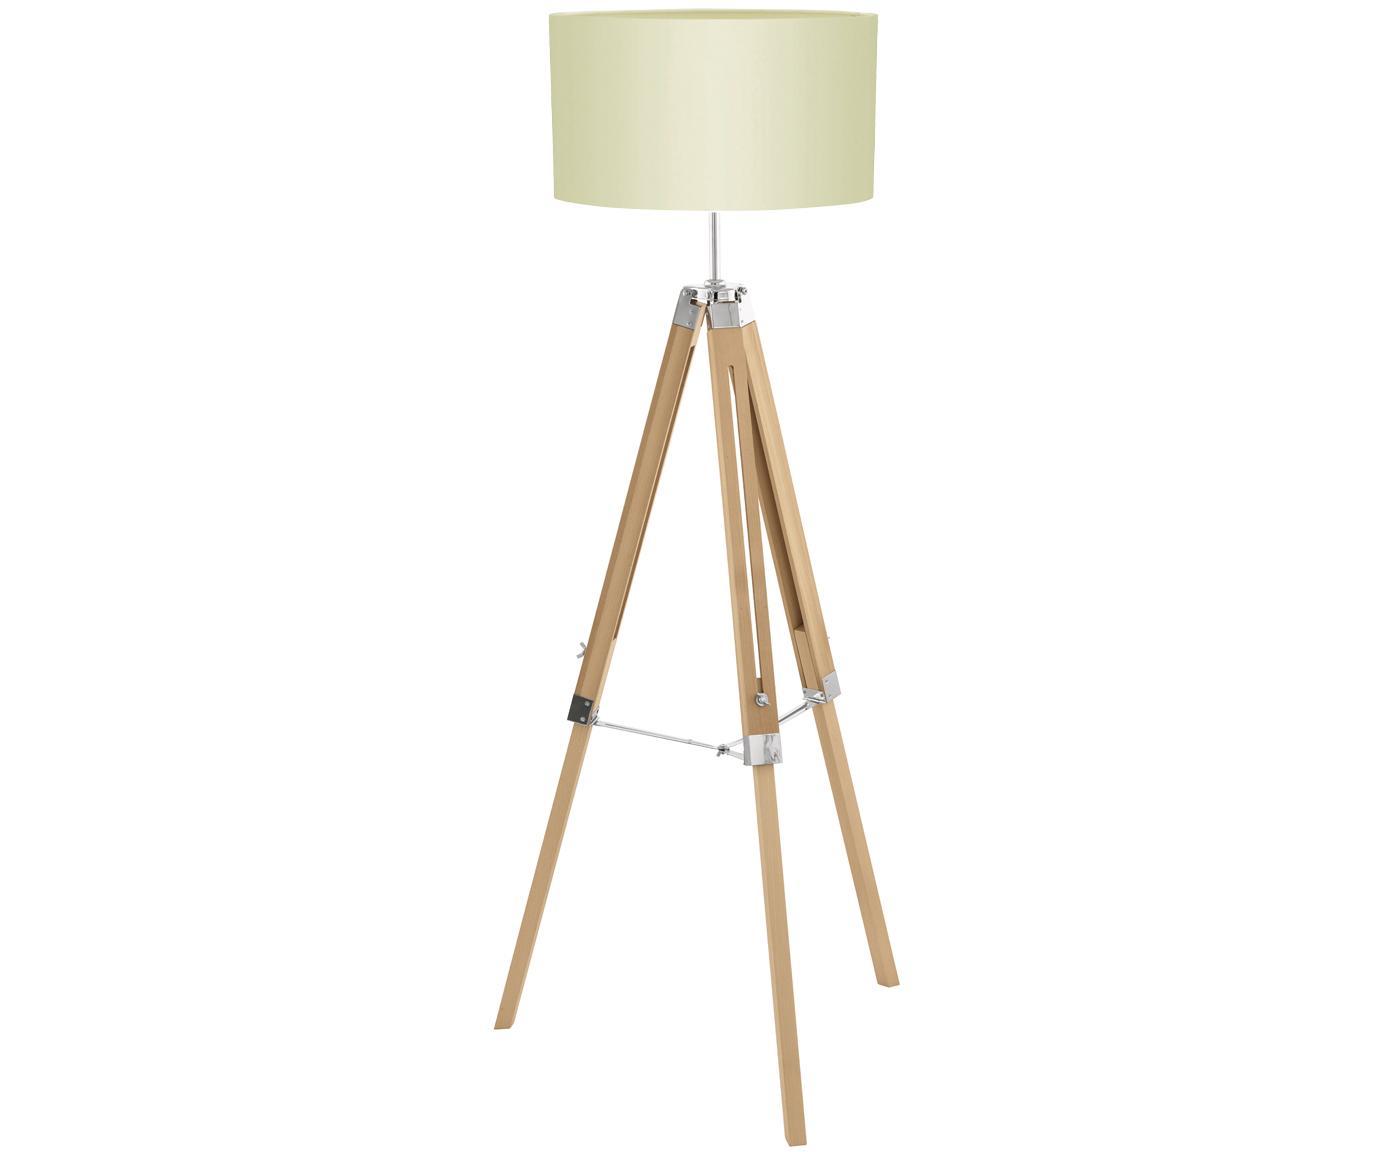 Stehlampe Lantada aus Holz, höhenverstellbar, Lampenschirm: Polyester, Lampenfuß: Holz, Creme, Braun, Ø 70 x H 150 cm